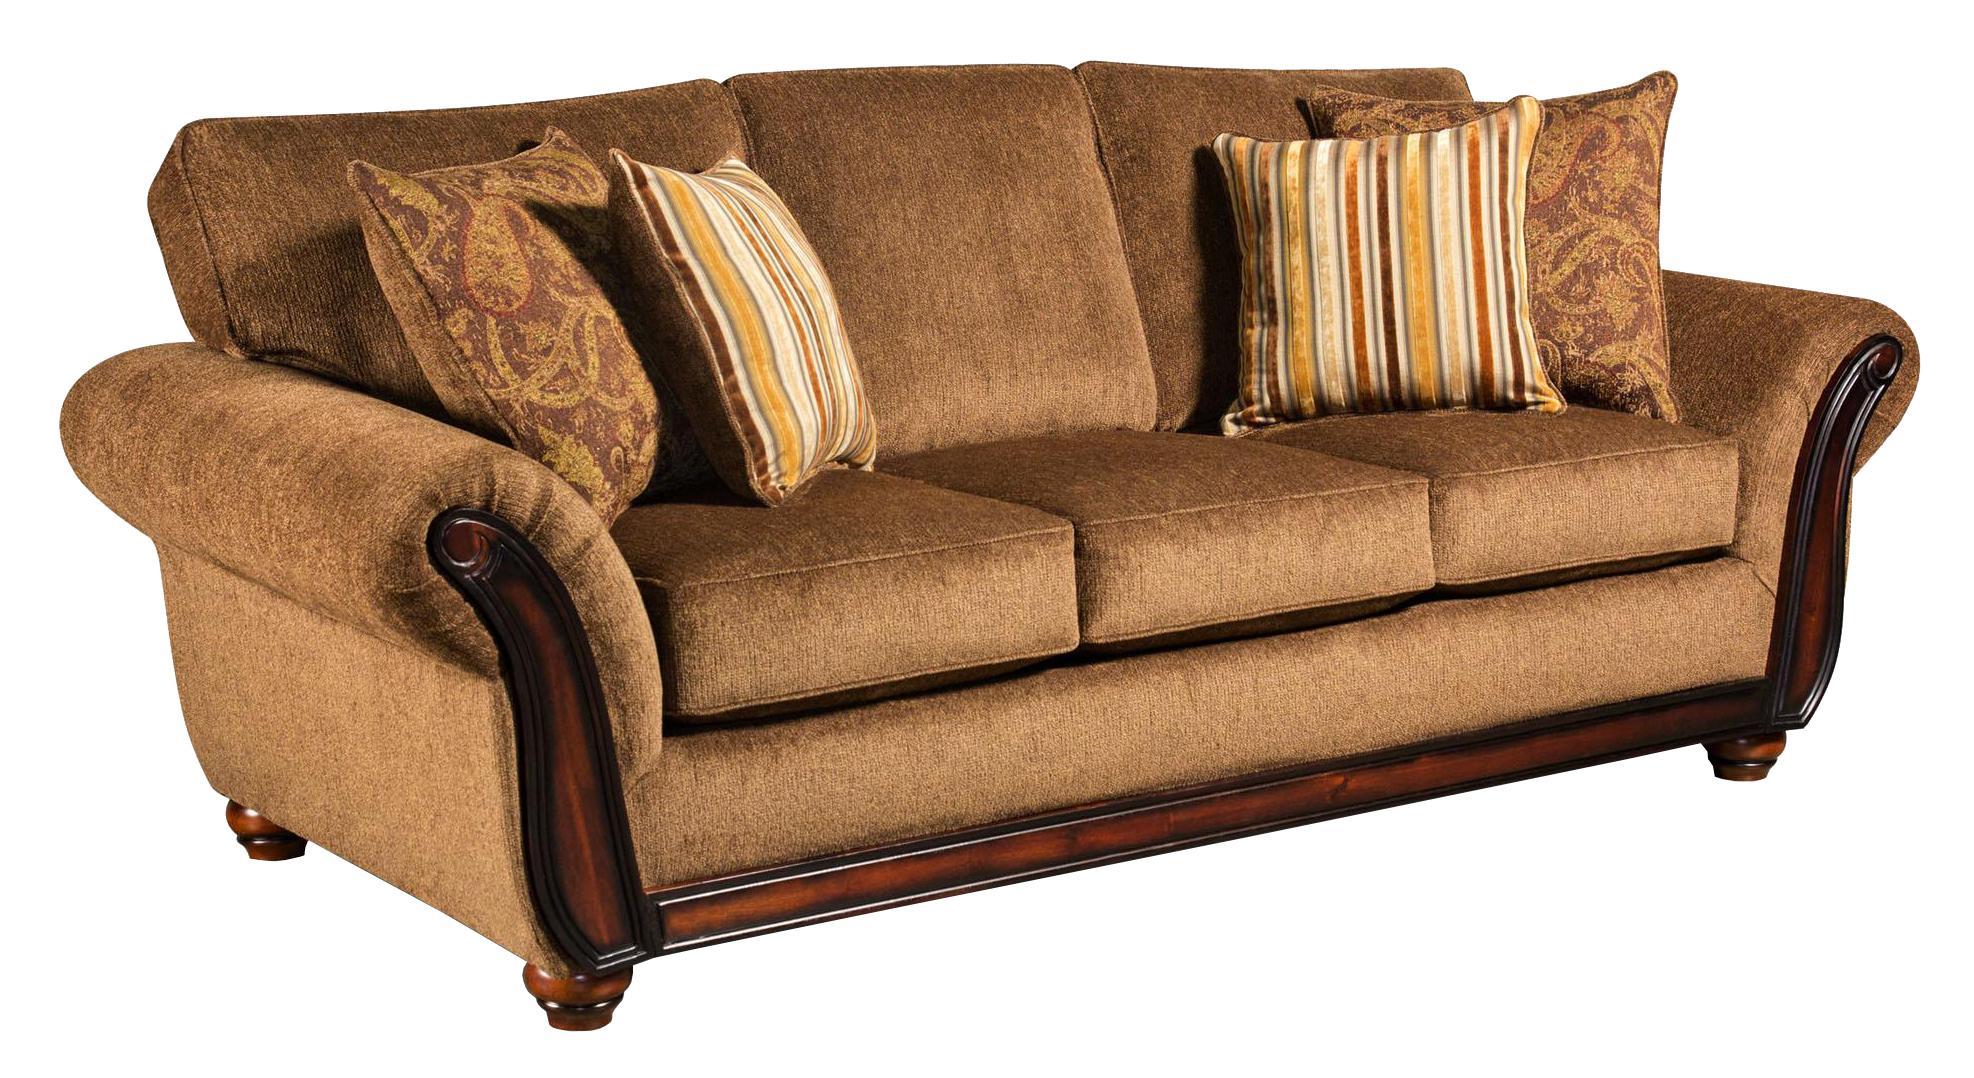 American Furniture 5650 Sofa - Item Number: 5653-1662